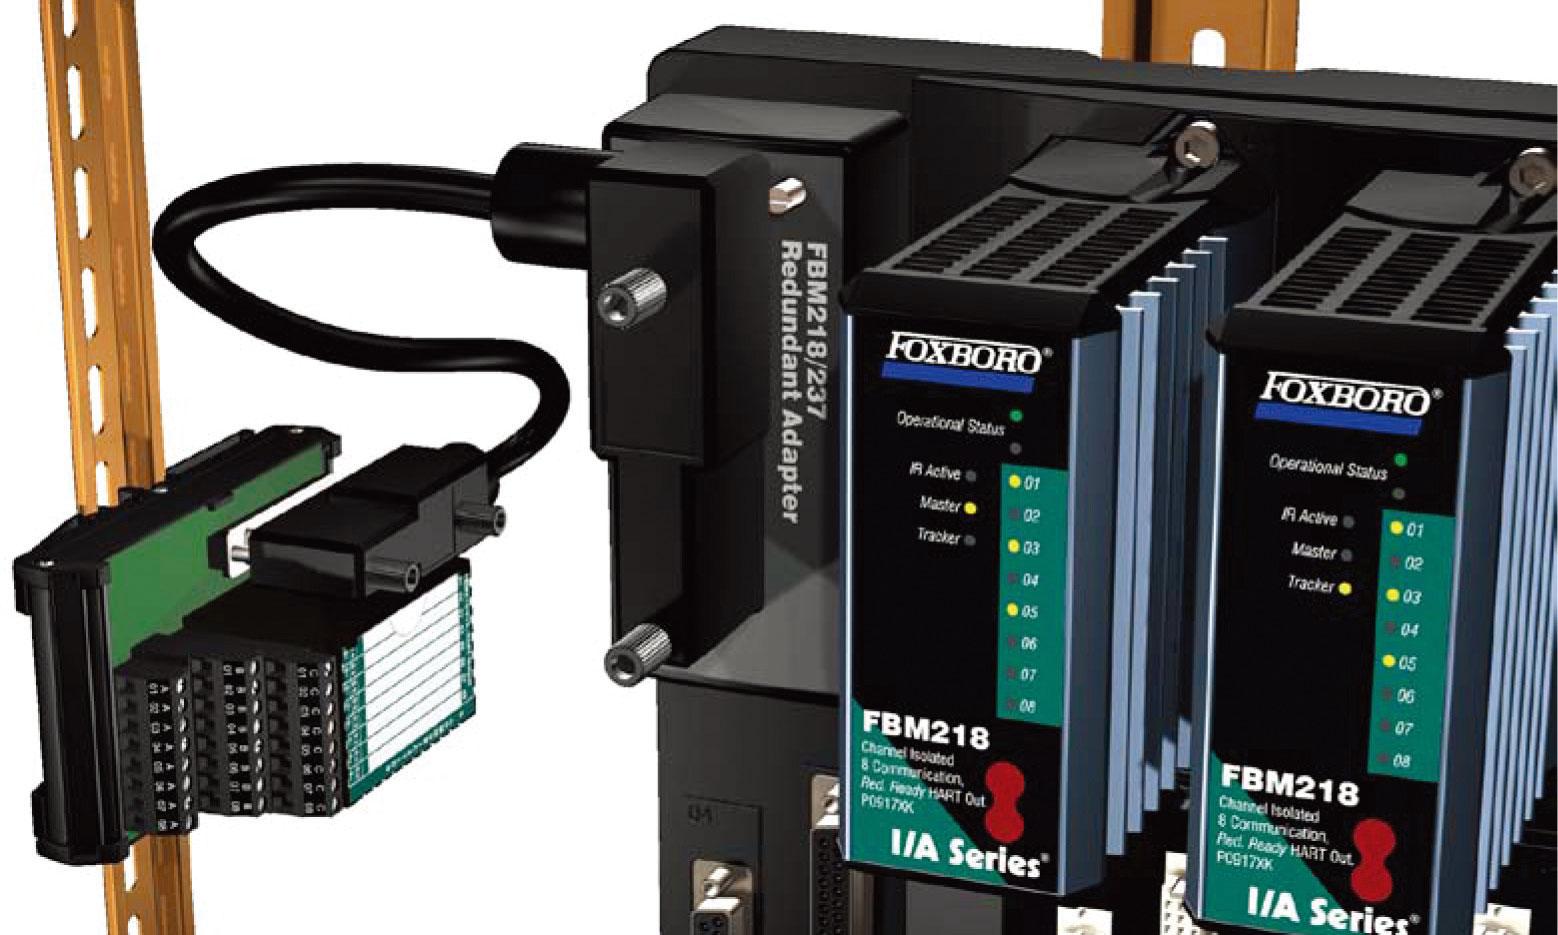 Foxboro I/A Series - Process Control Foxboro I/A Series - Process